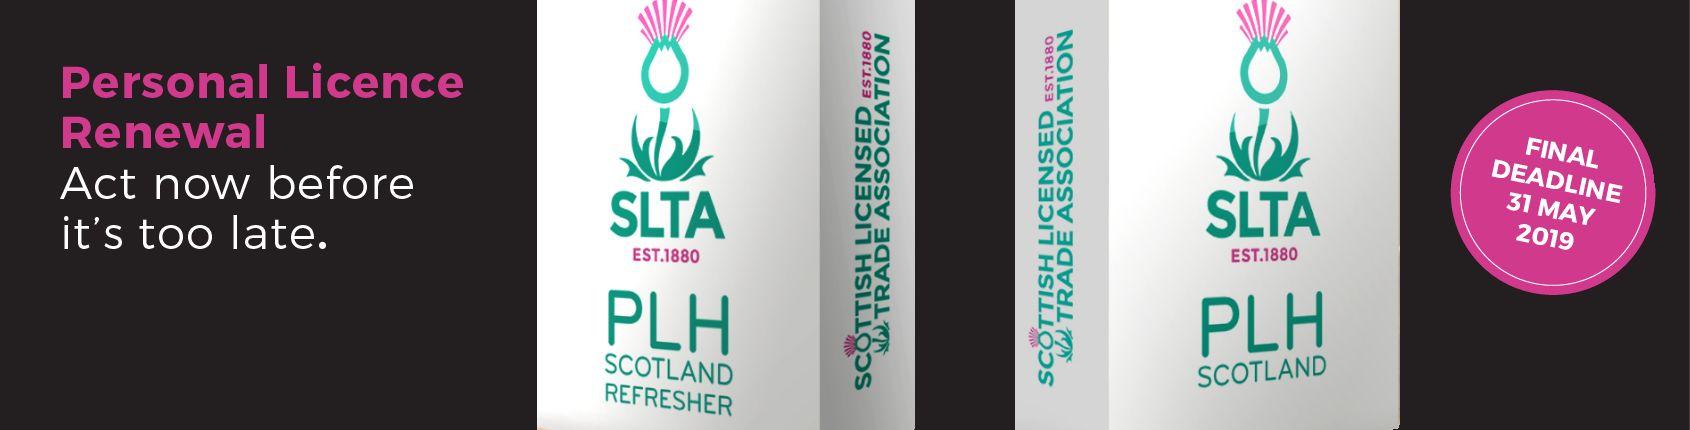 PLH Refresher